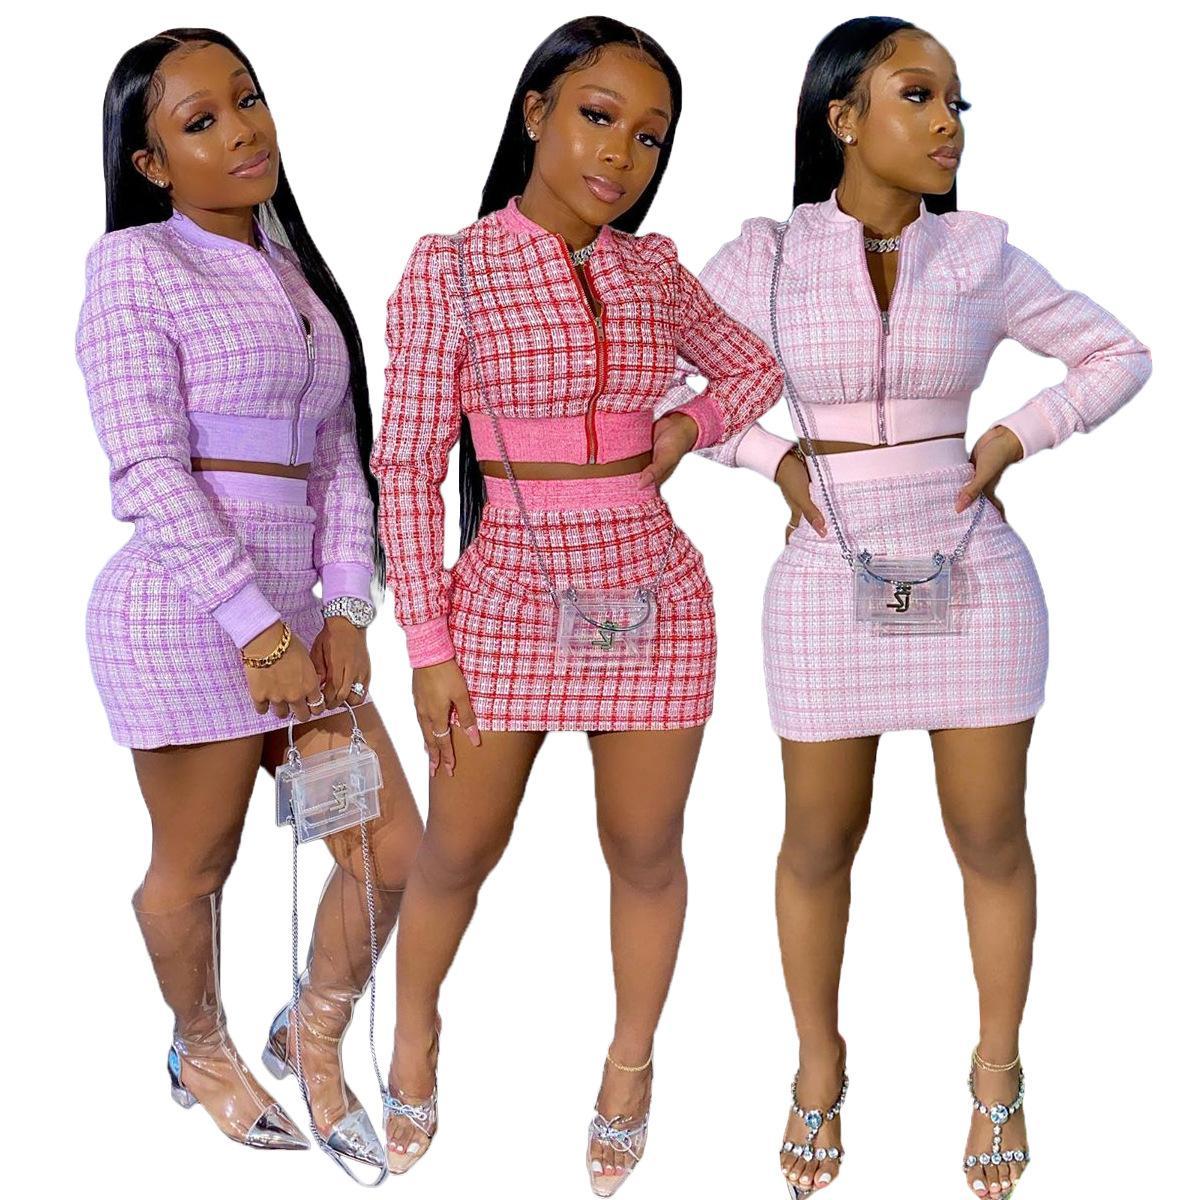 Kadınlar Uzun Kollu Ceket BODYCON Midi Mini Etekler Suit İki Adet Set Vintage Eşleştirme Seti Elbise Kırmızı Pembe Açık Mor